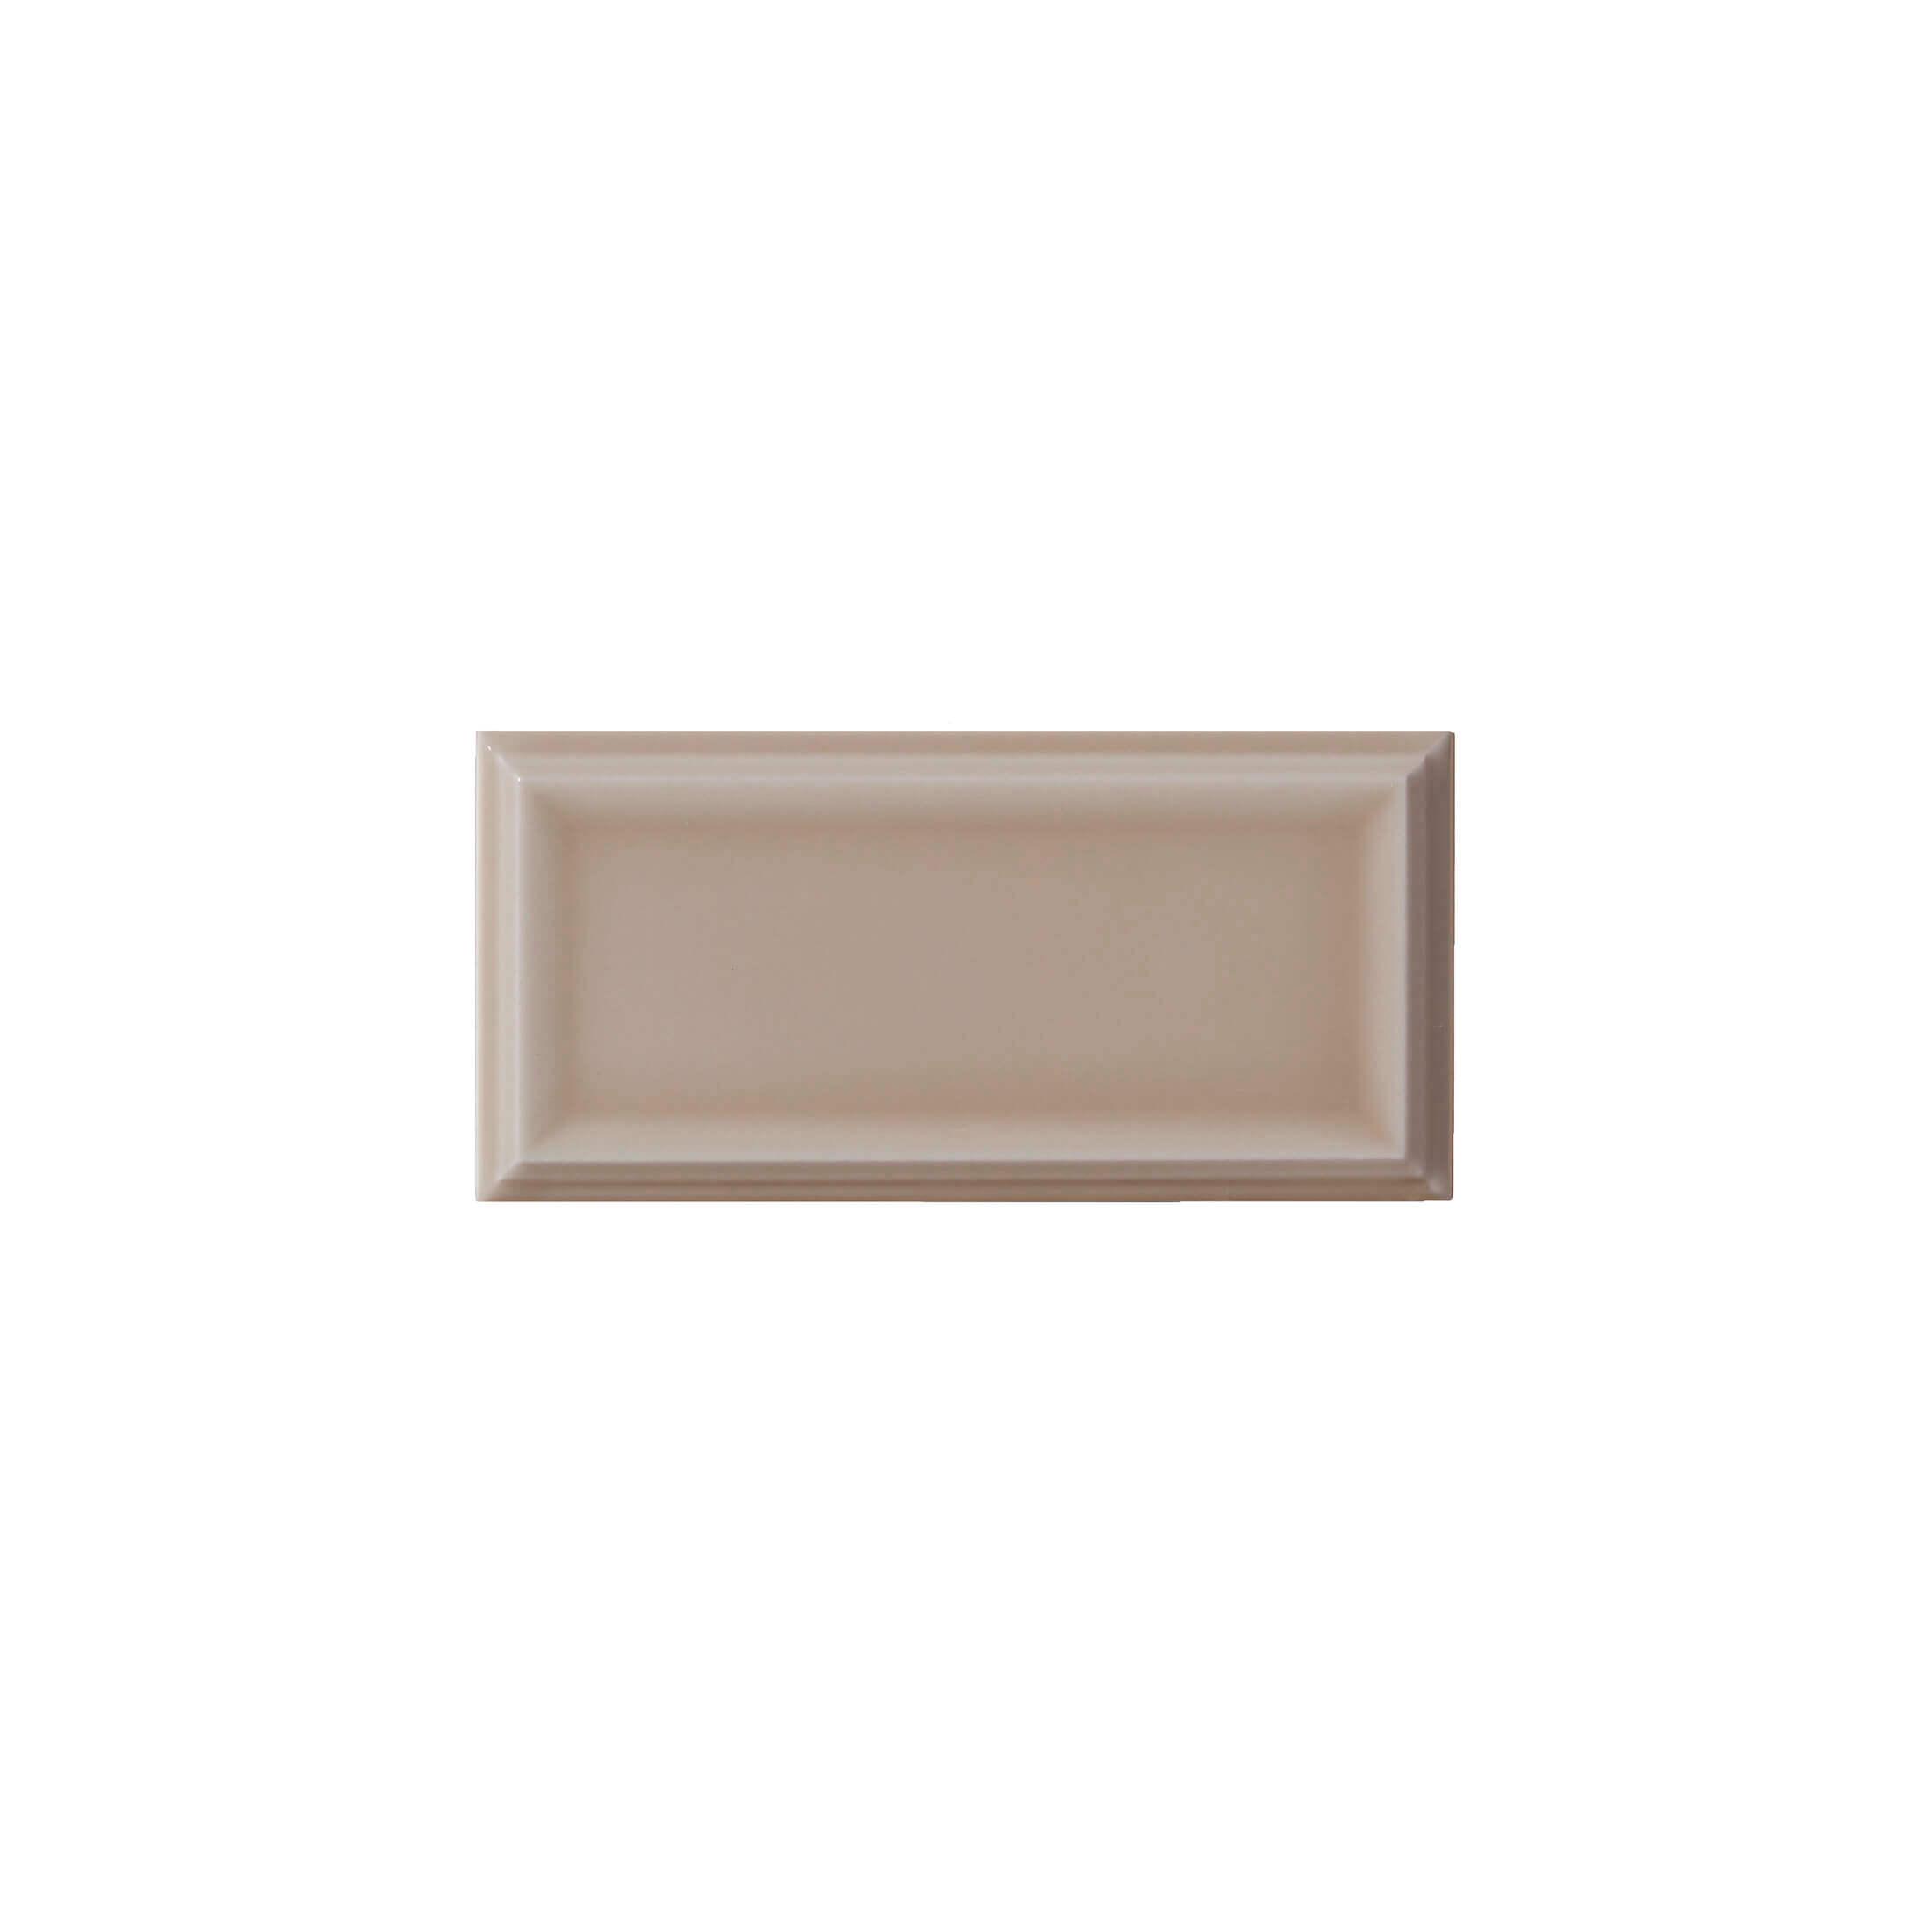 ADST1076 - LISO FRAMED - 7.3 cm X 14.8 cm